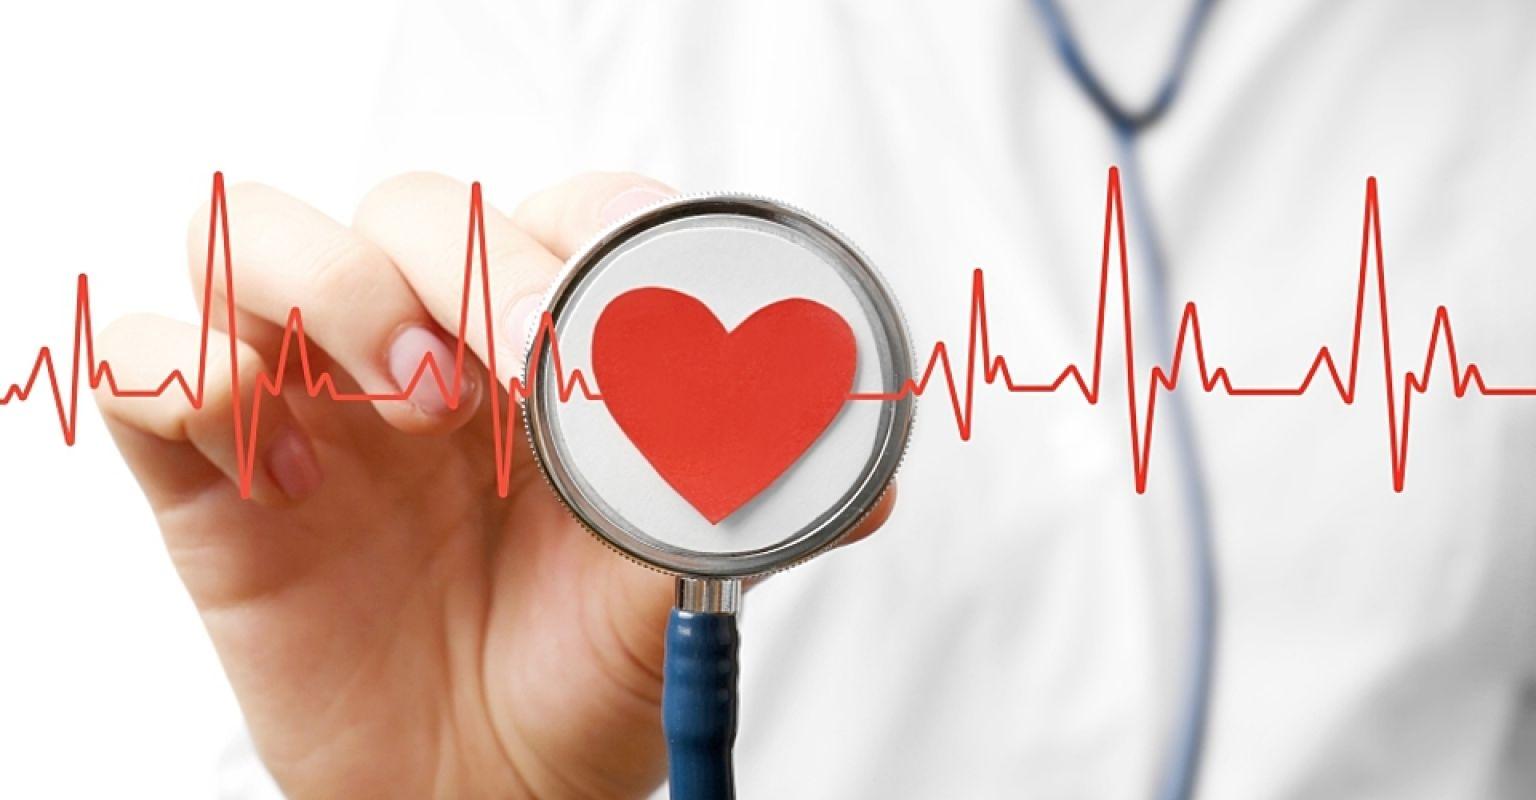 Российское кардиологическое общество (РКО) и компания Bayer запустили всероссийский онлайн-тест «Измерь возраст своего сердца!»